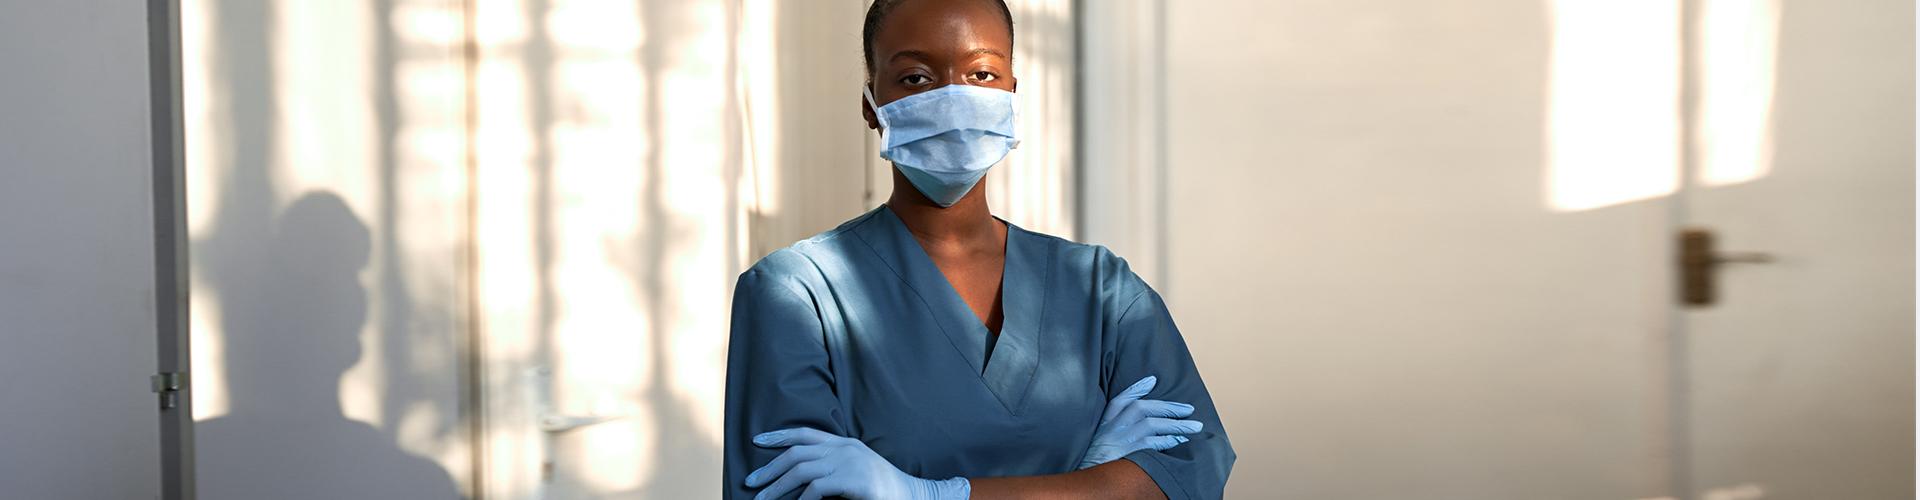 nurse wearing facemask